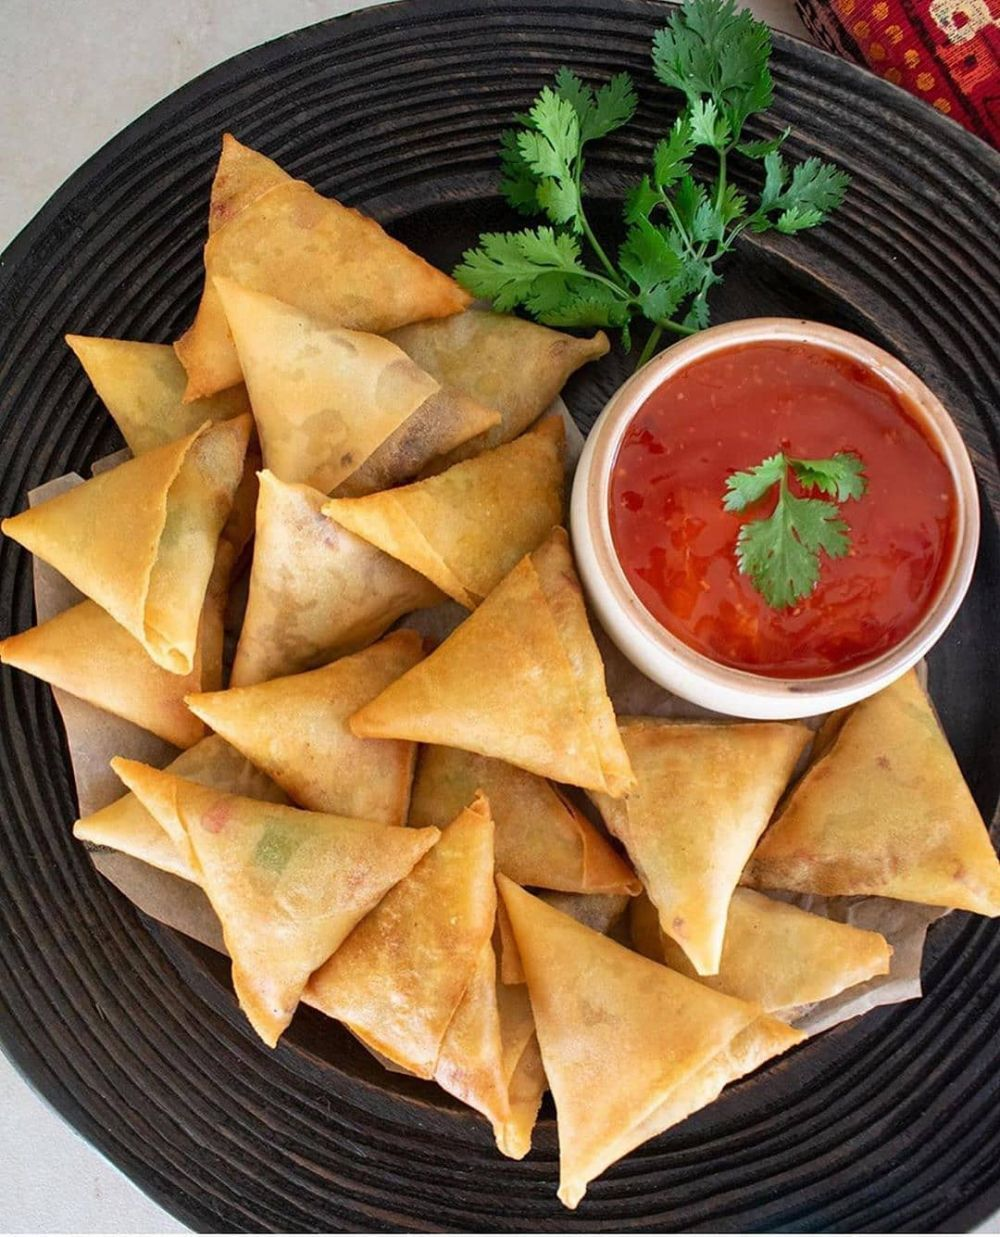 20 Resep Makanan Untuk Dijual Murah Enak Dan Simpel Berbagai Sumber Resep Makanan Makanan Ide Makanan